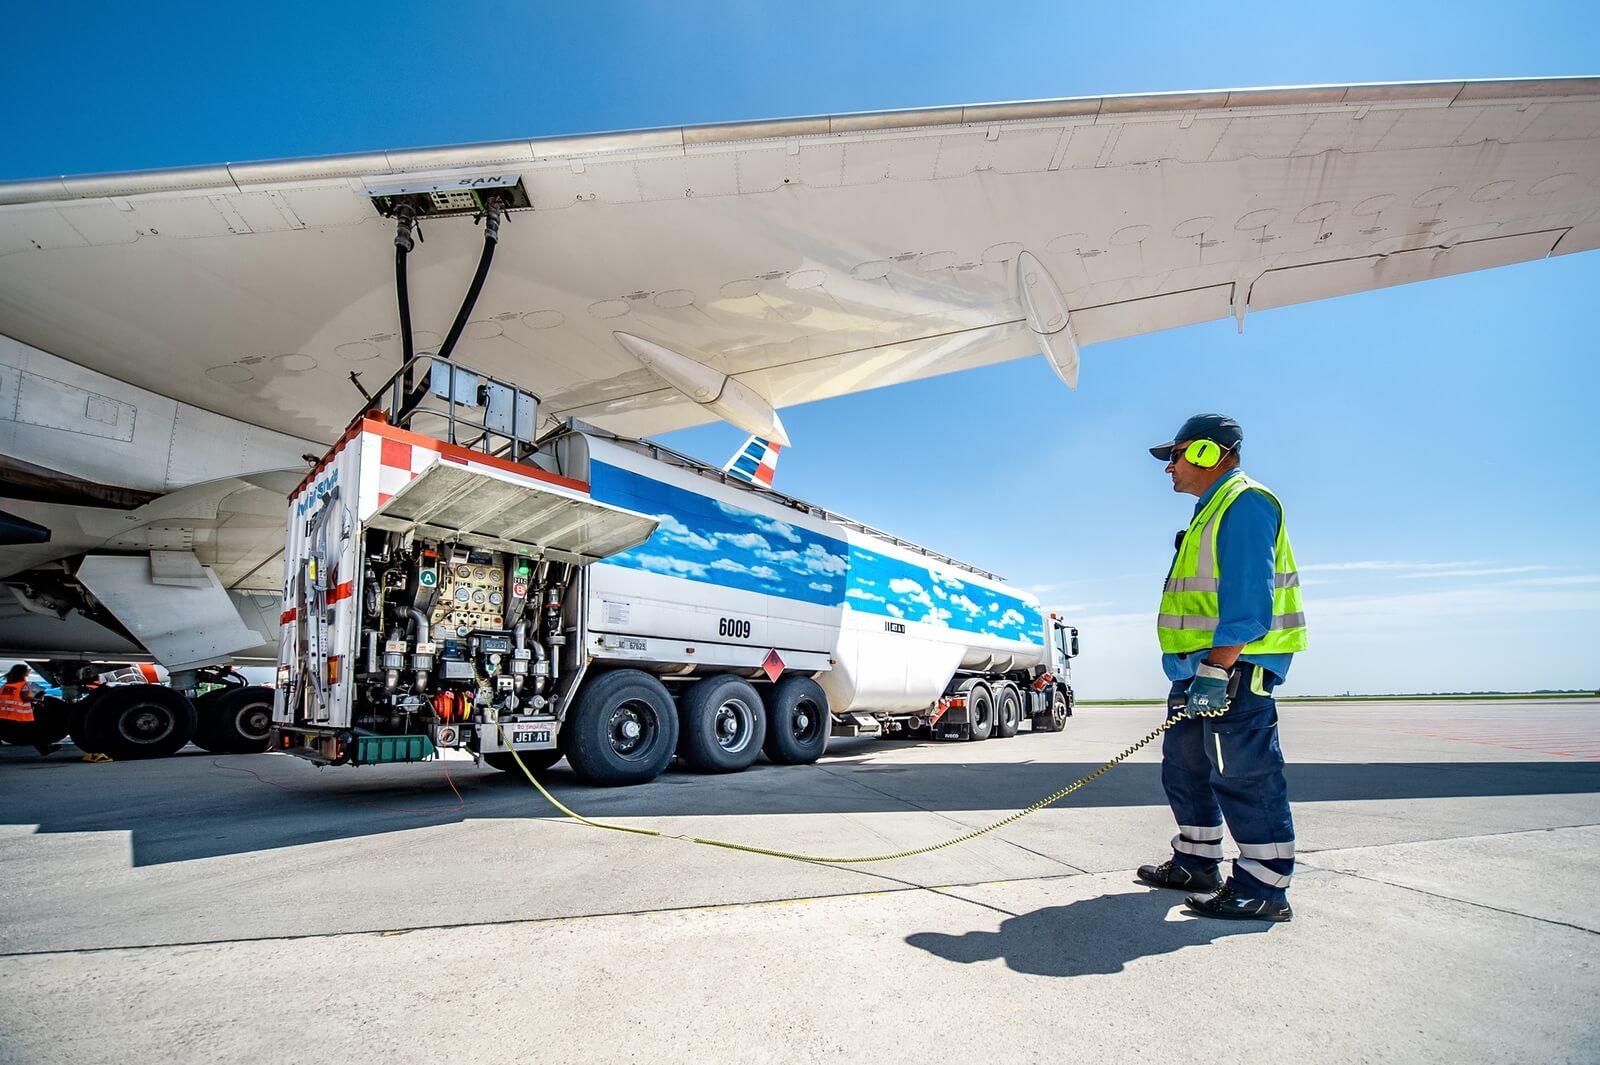 Rifornimento Jet Fuel - Levorato Marcevaggi